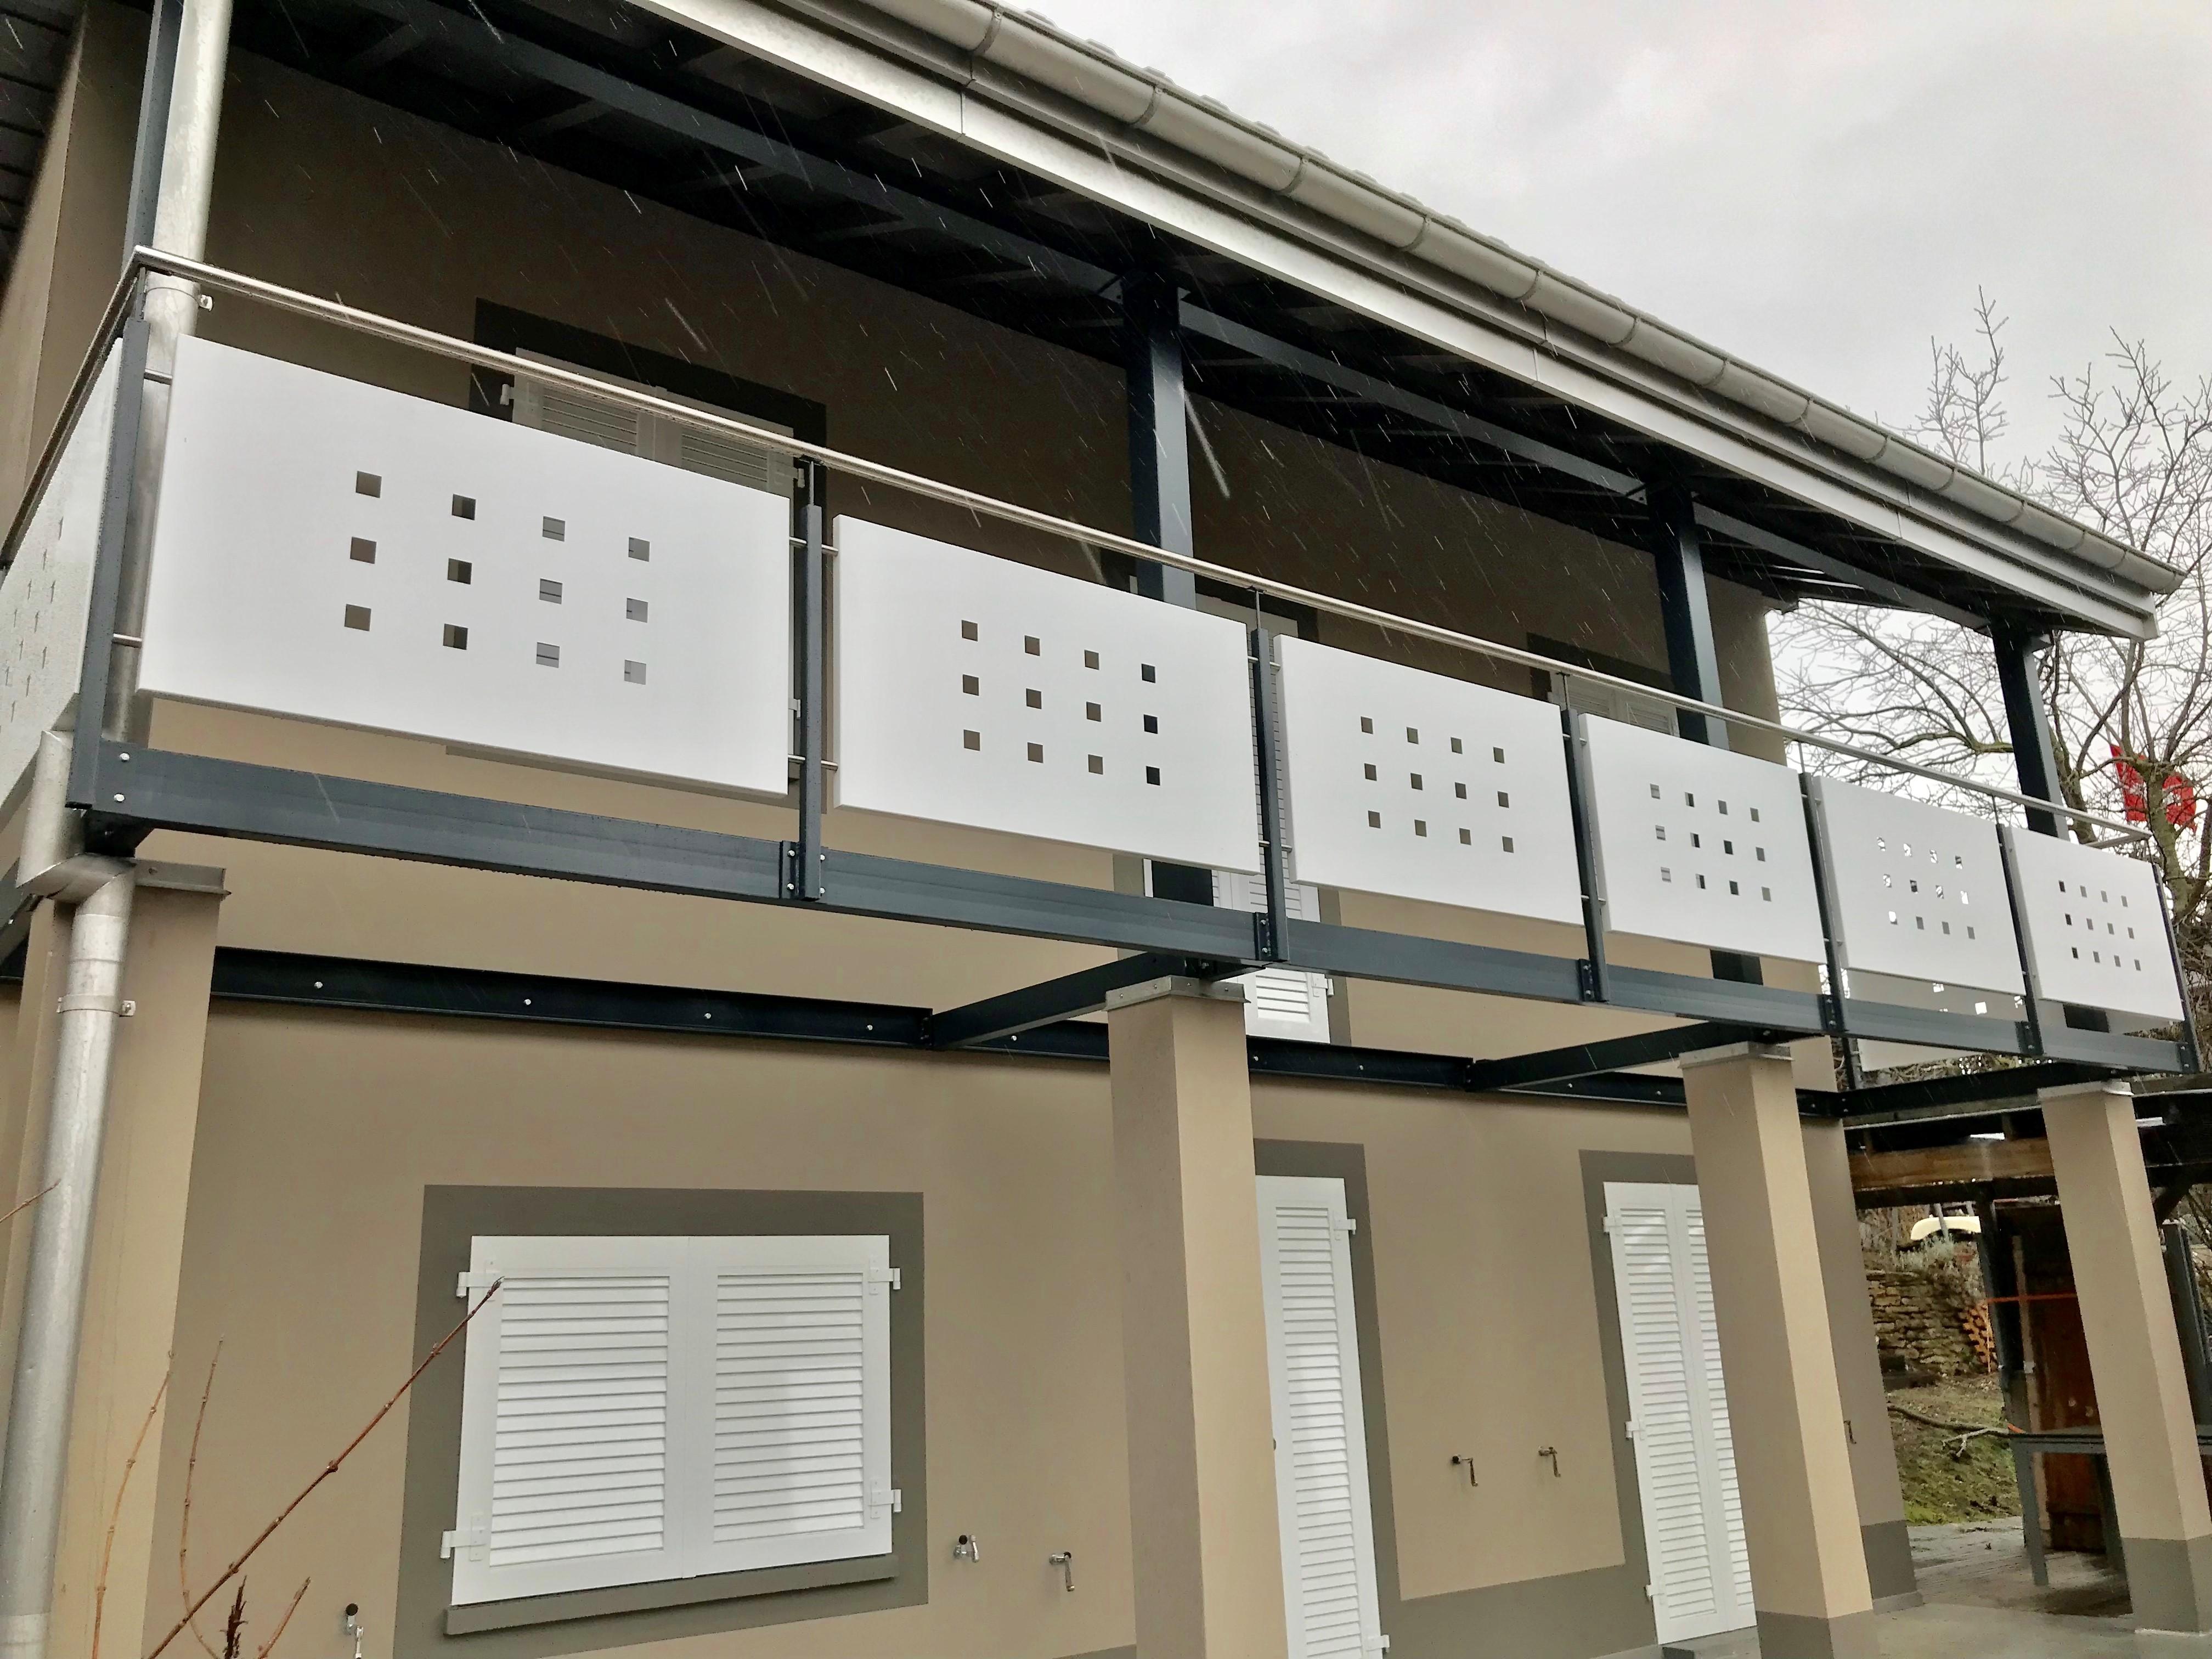 Travaux de constructions métalliques (porte de garage, barrières, etc...)